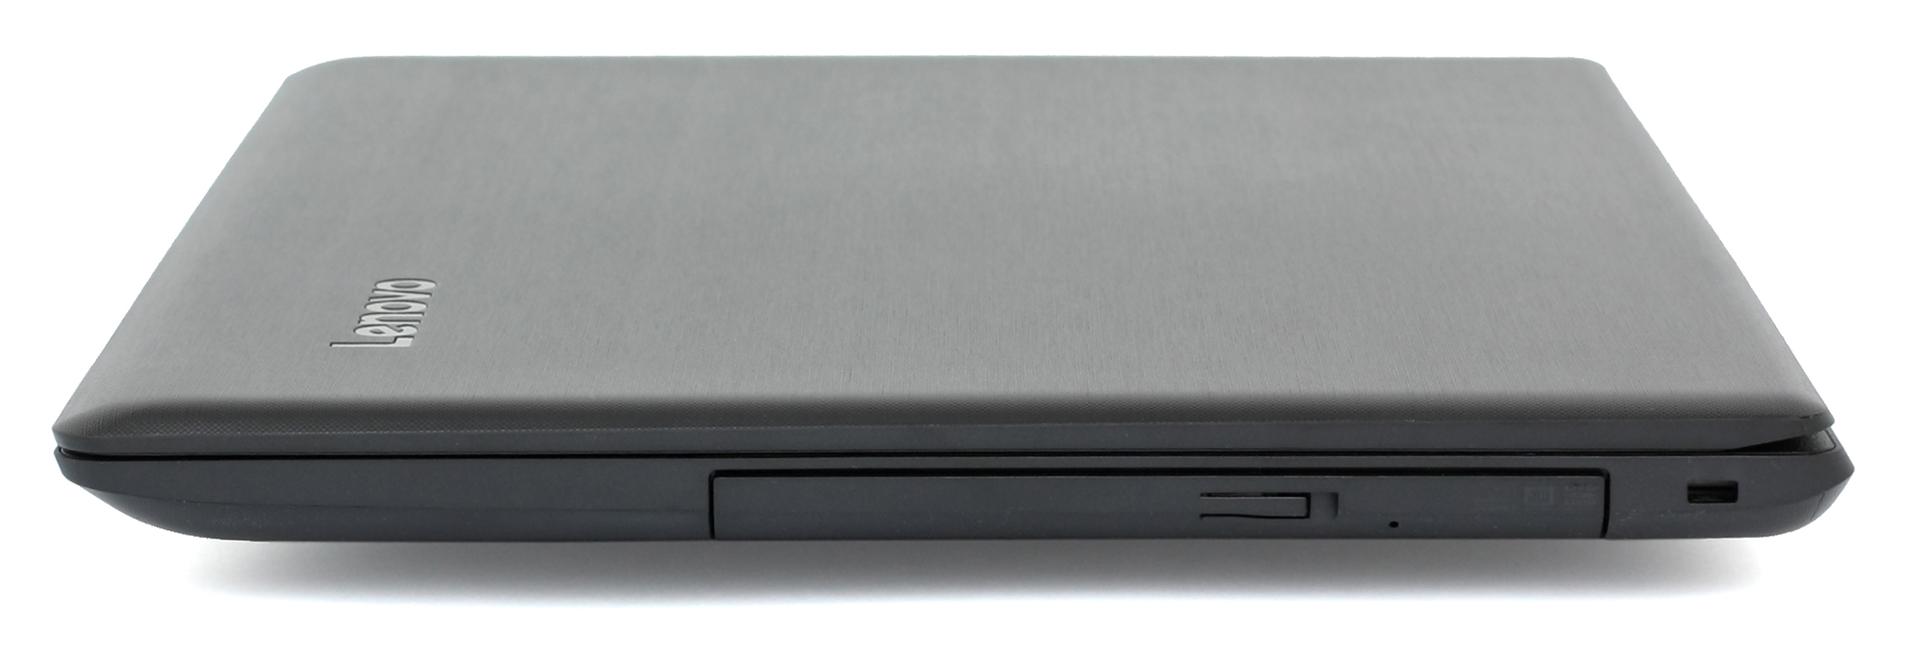 Lenovo Ideapad 110 14ast Amd A9 9400 Radeon R5 Ram 4gb 1tb 05id Jual 320 9420 Hdd Dos